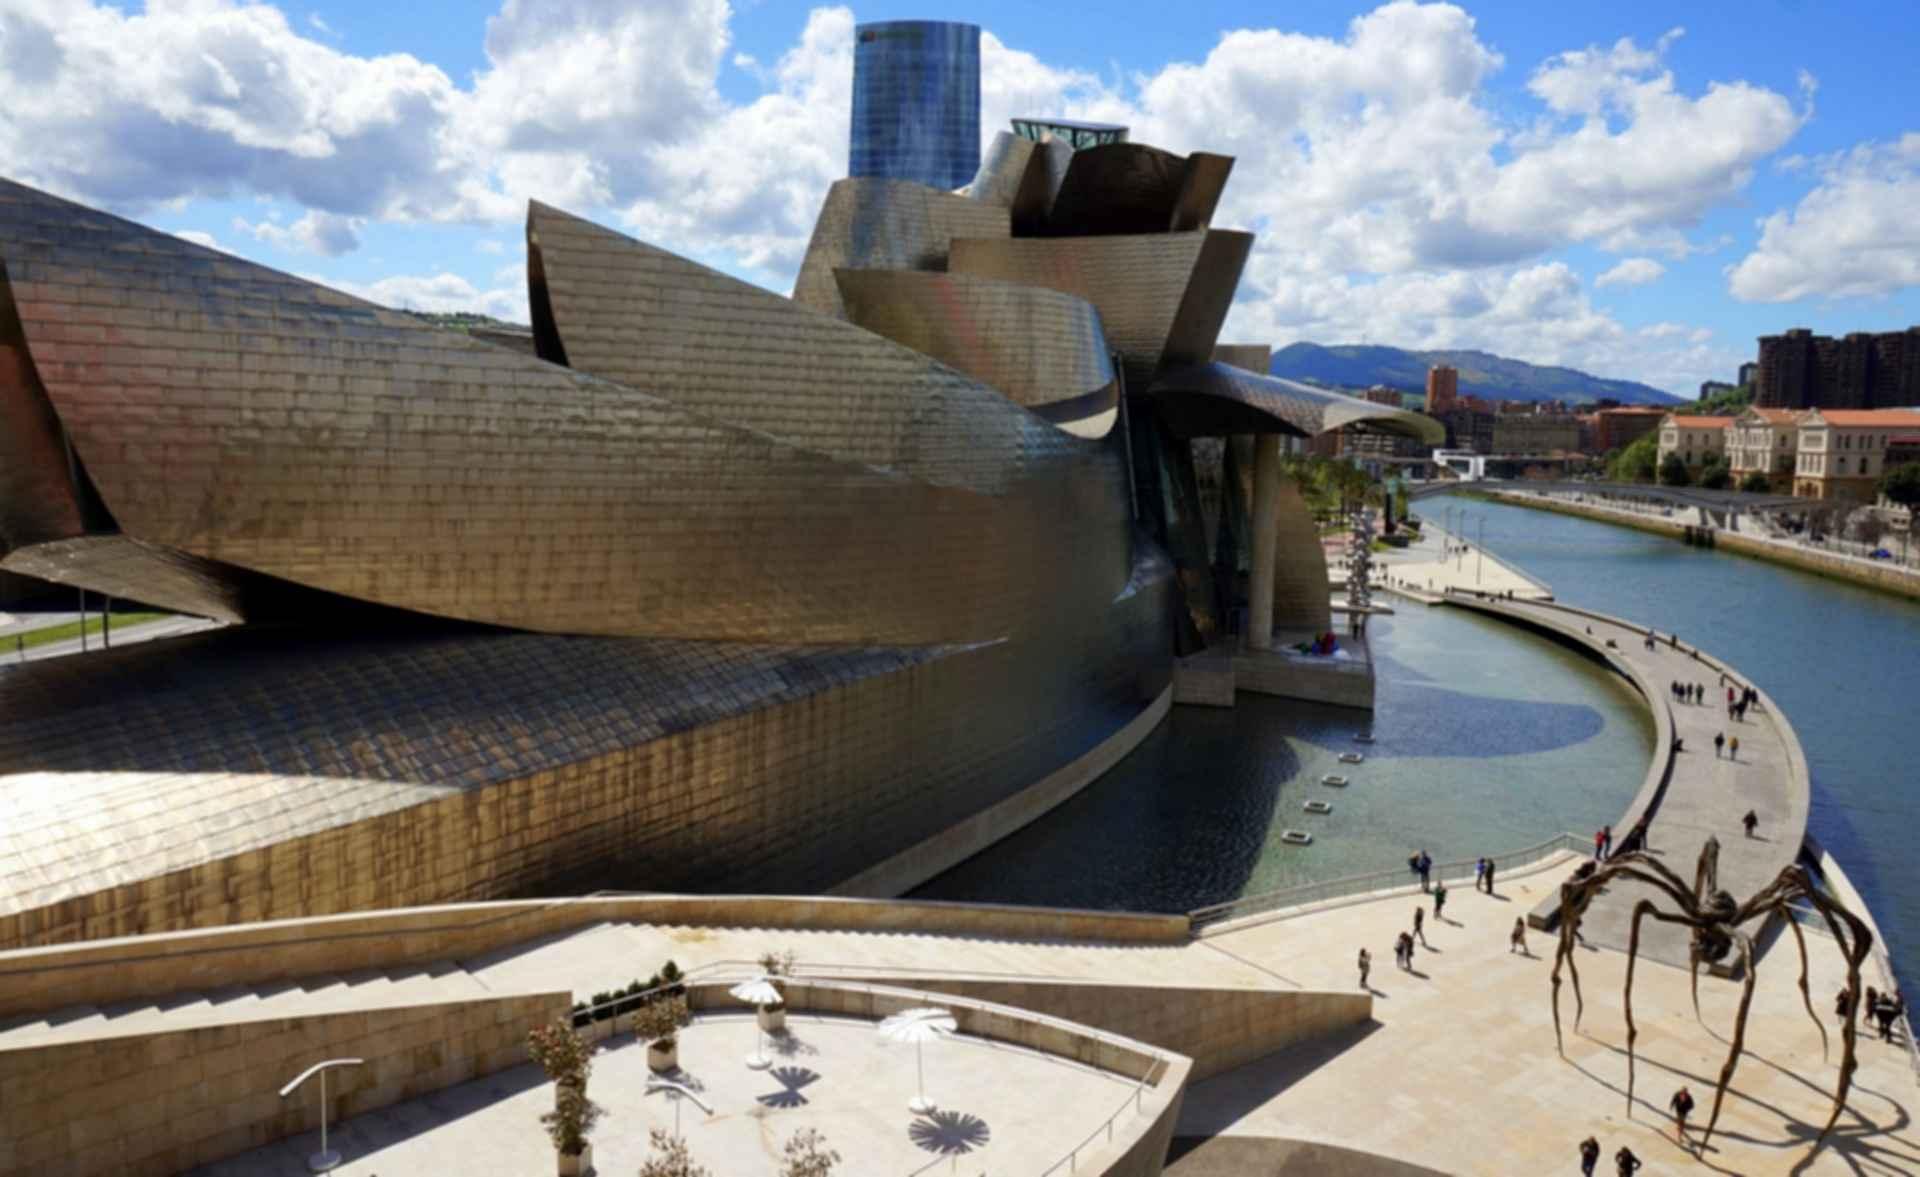 Guggenheim Museum Bilbao - Side Exterior